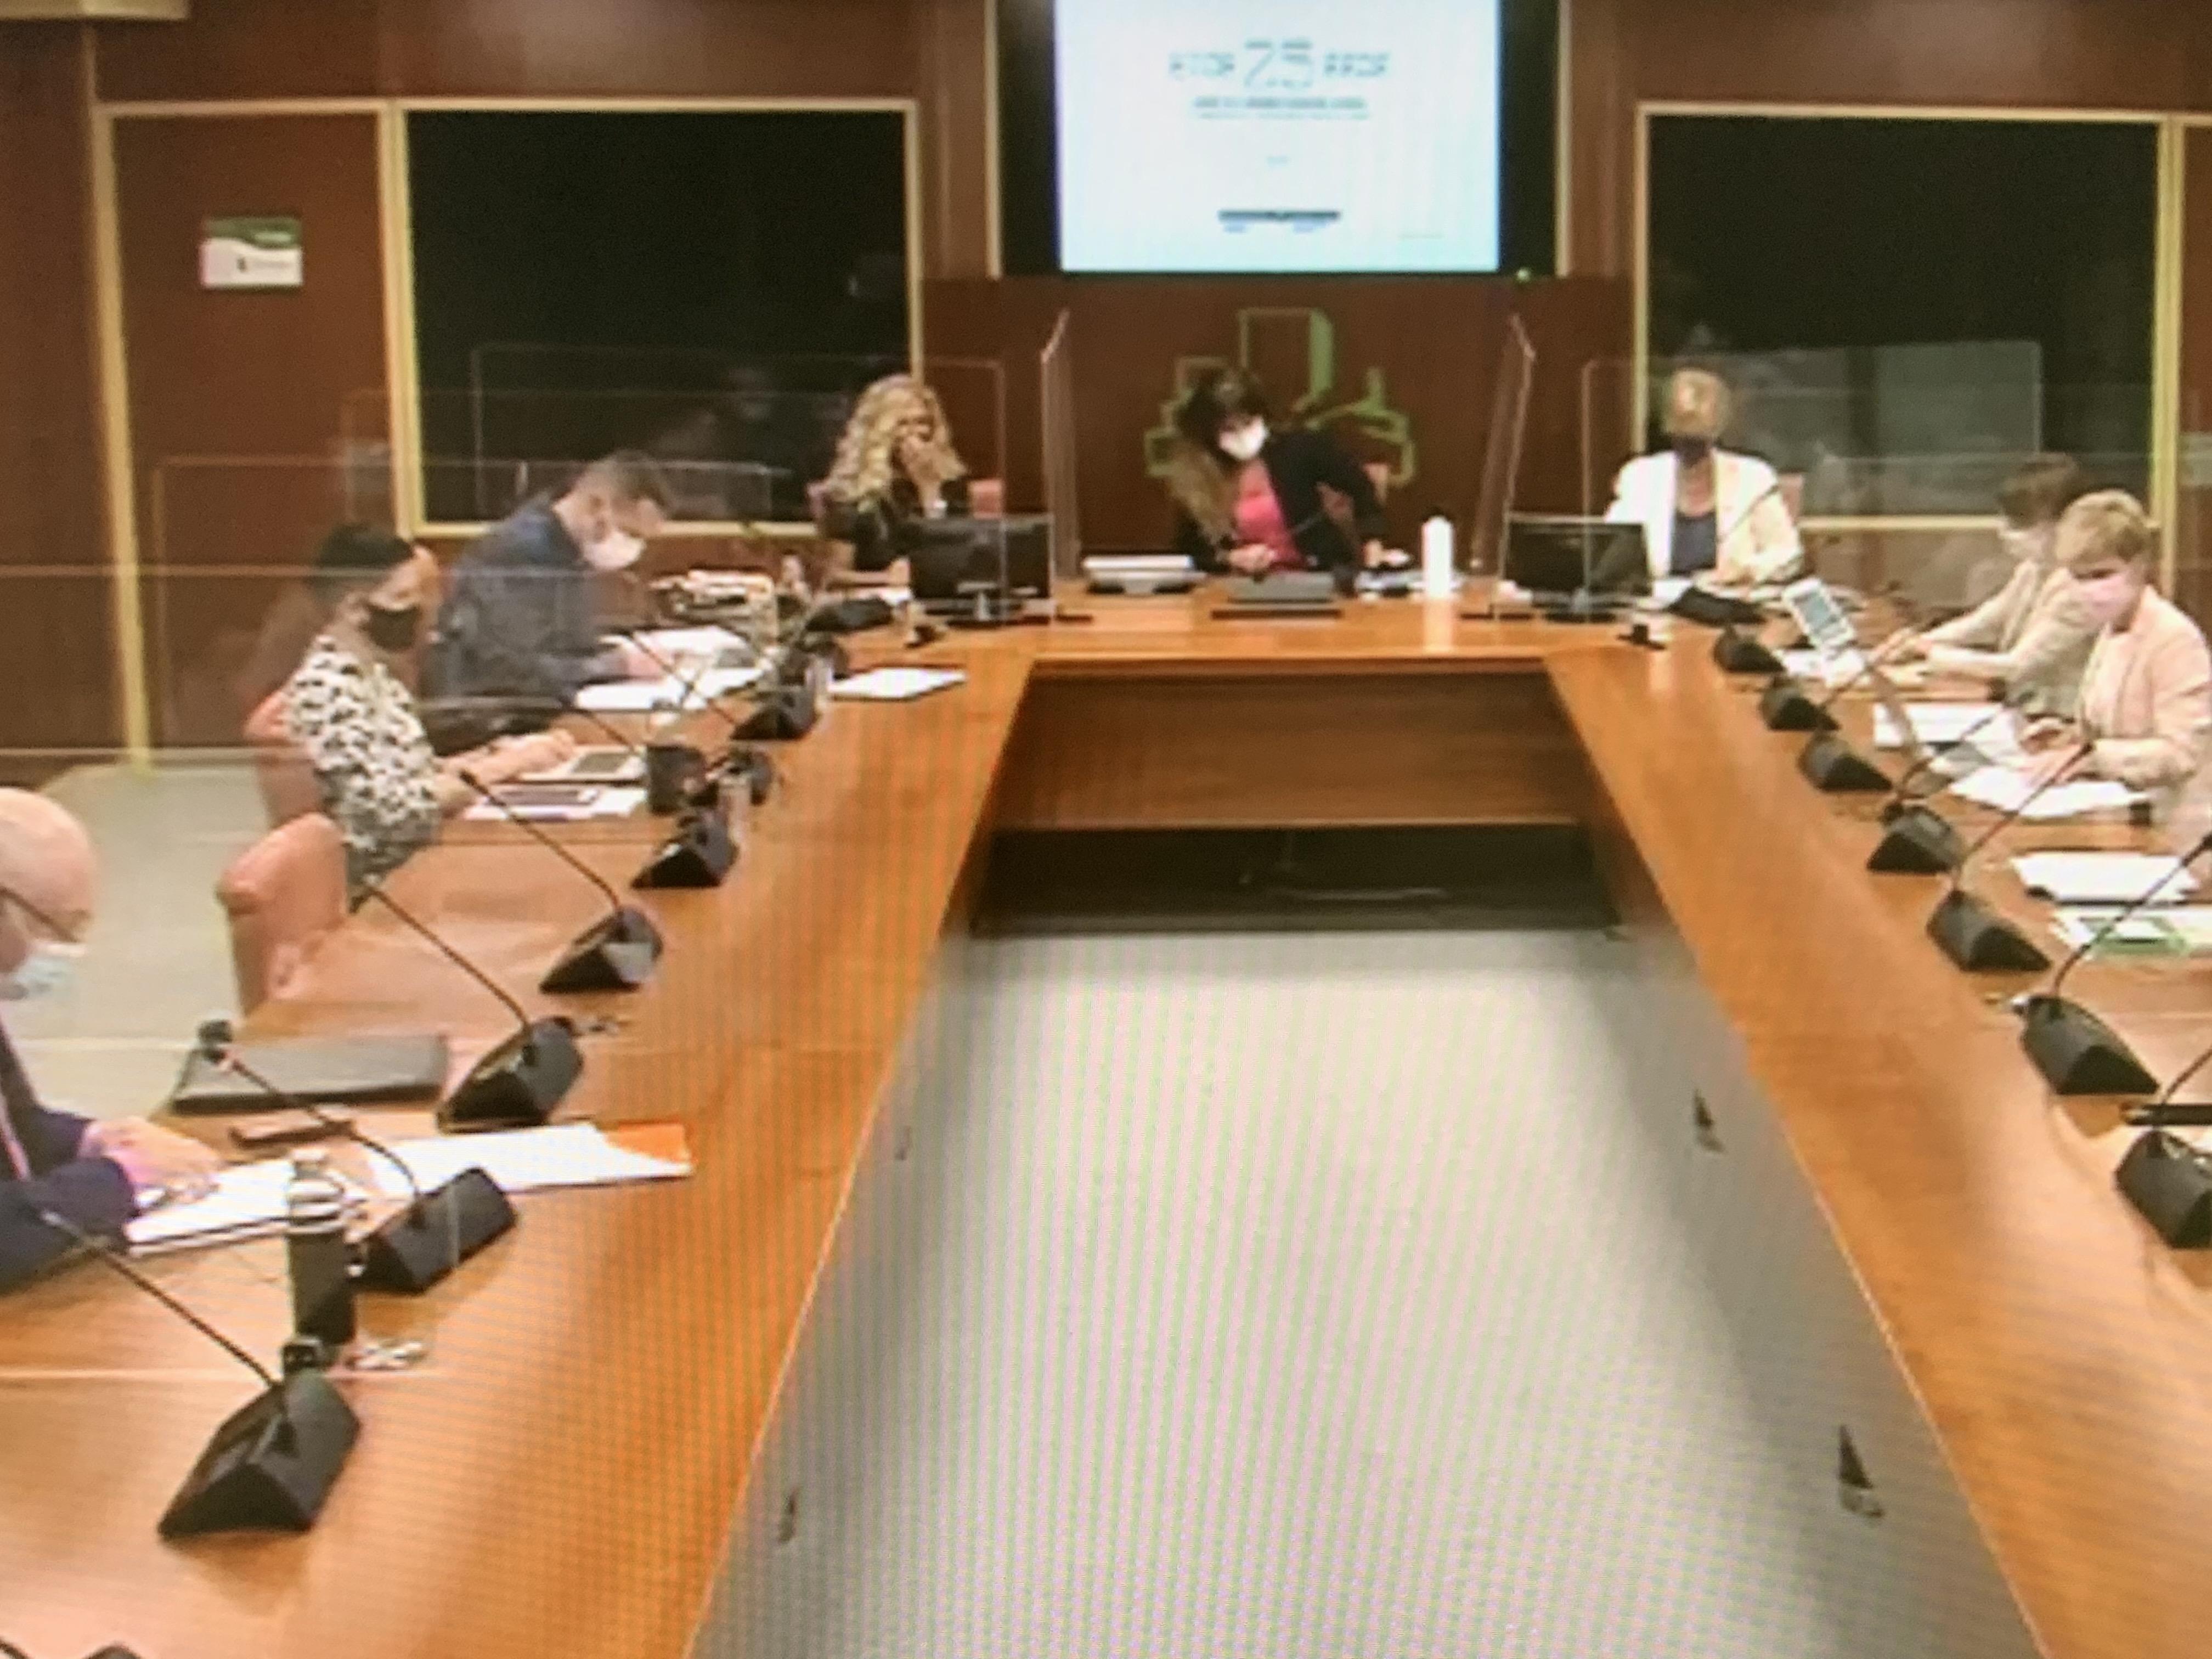 El Gobierno Vasco presenta al Parlamento la apuesta de 1.400 millones de euros para la transformación digital de Euskadi [93:53]